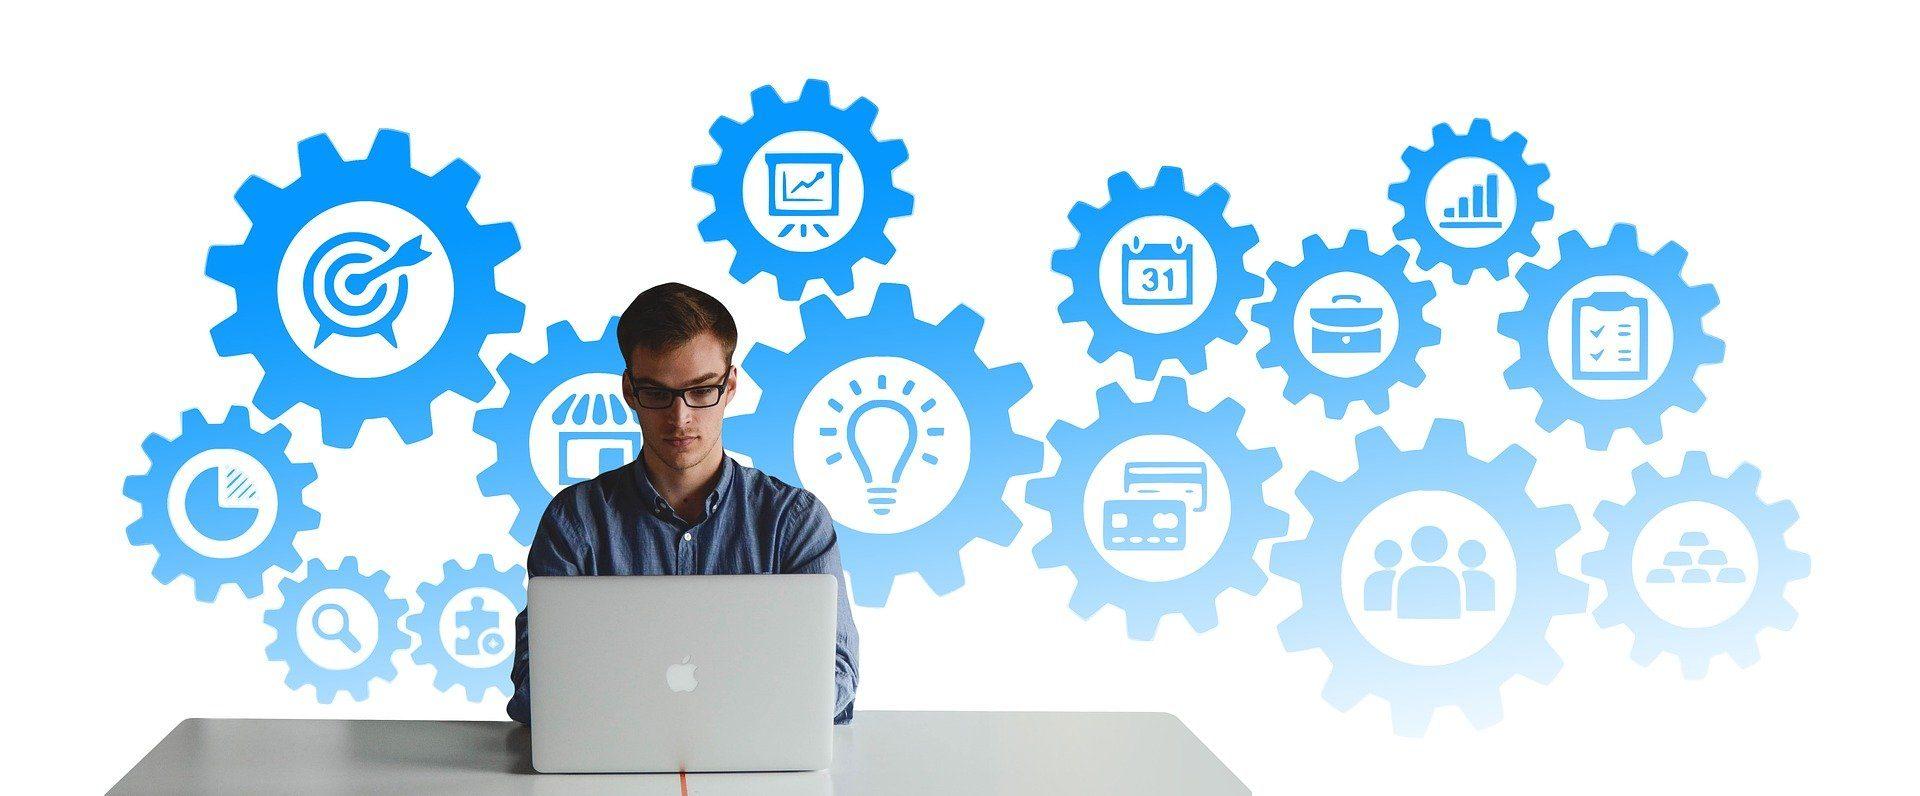 https://www.wtmo.com/wp-content/uploads/2021/06/entrepreneur-2275739_1920-e1624391562589.jpg